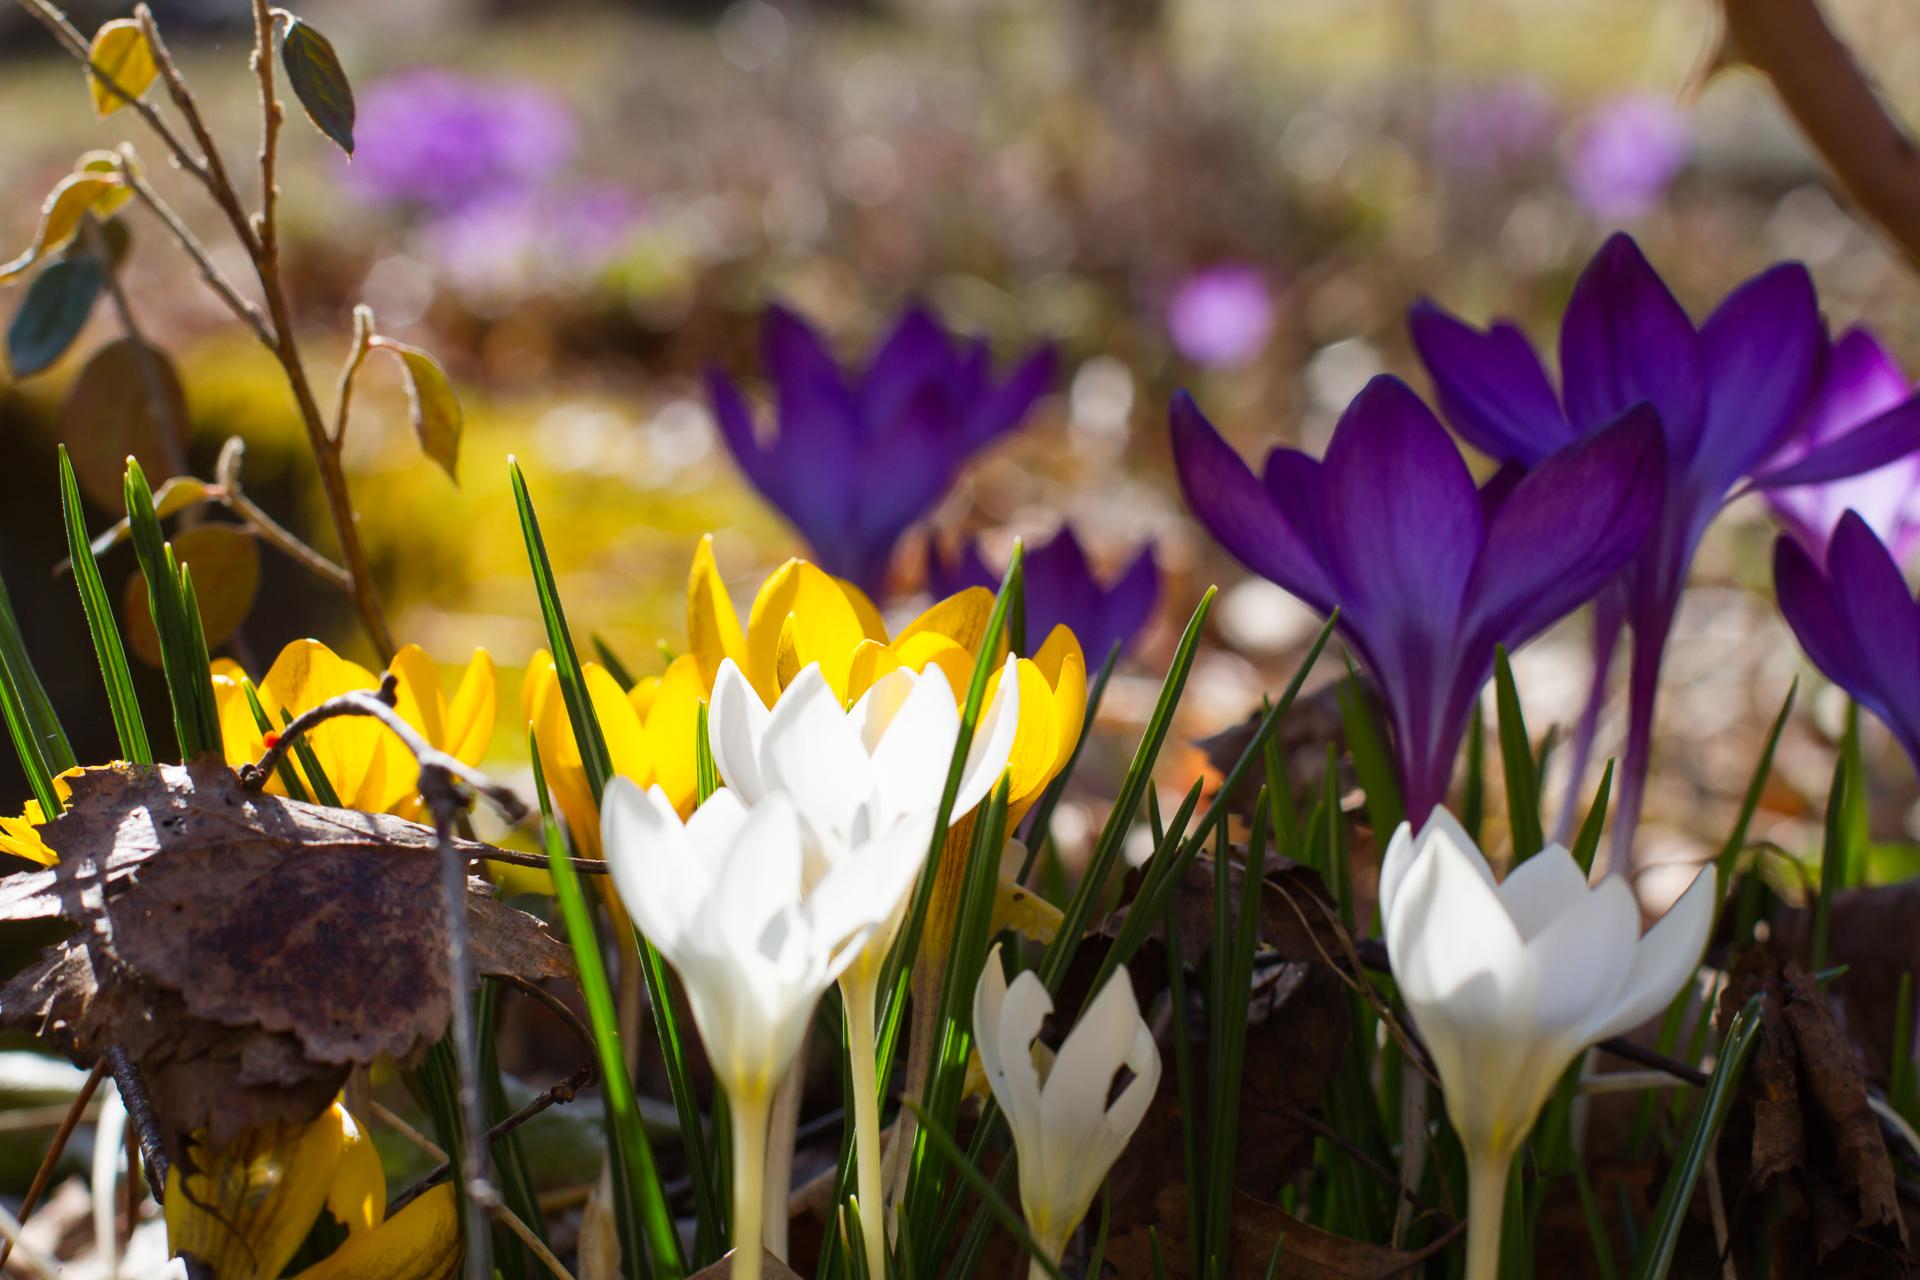 Blommande krokus i gult, vitt och lila